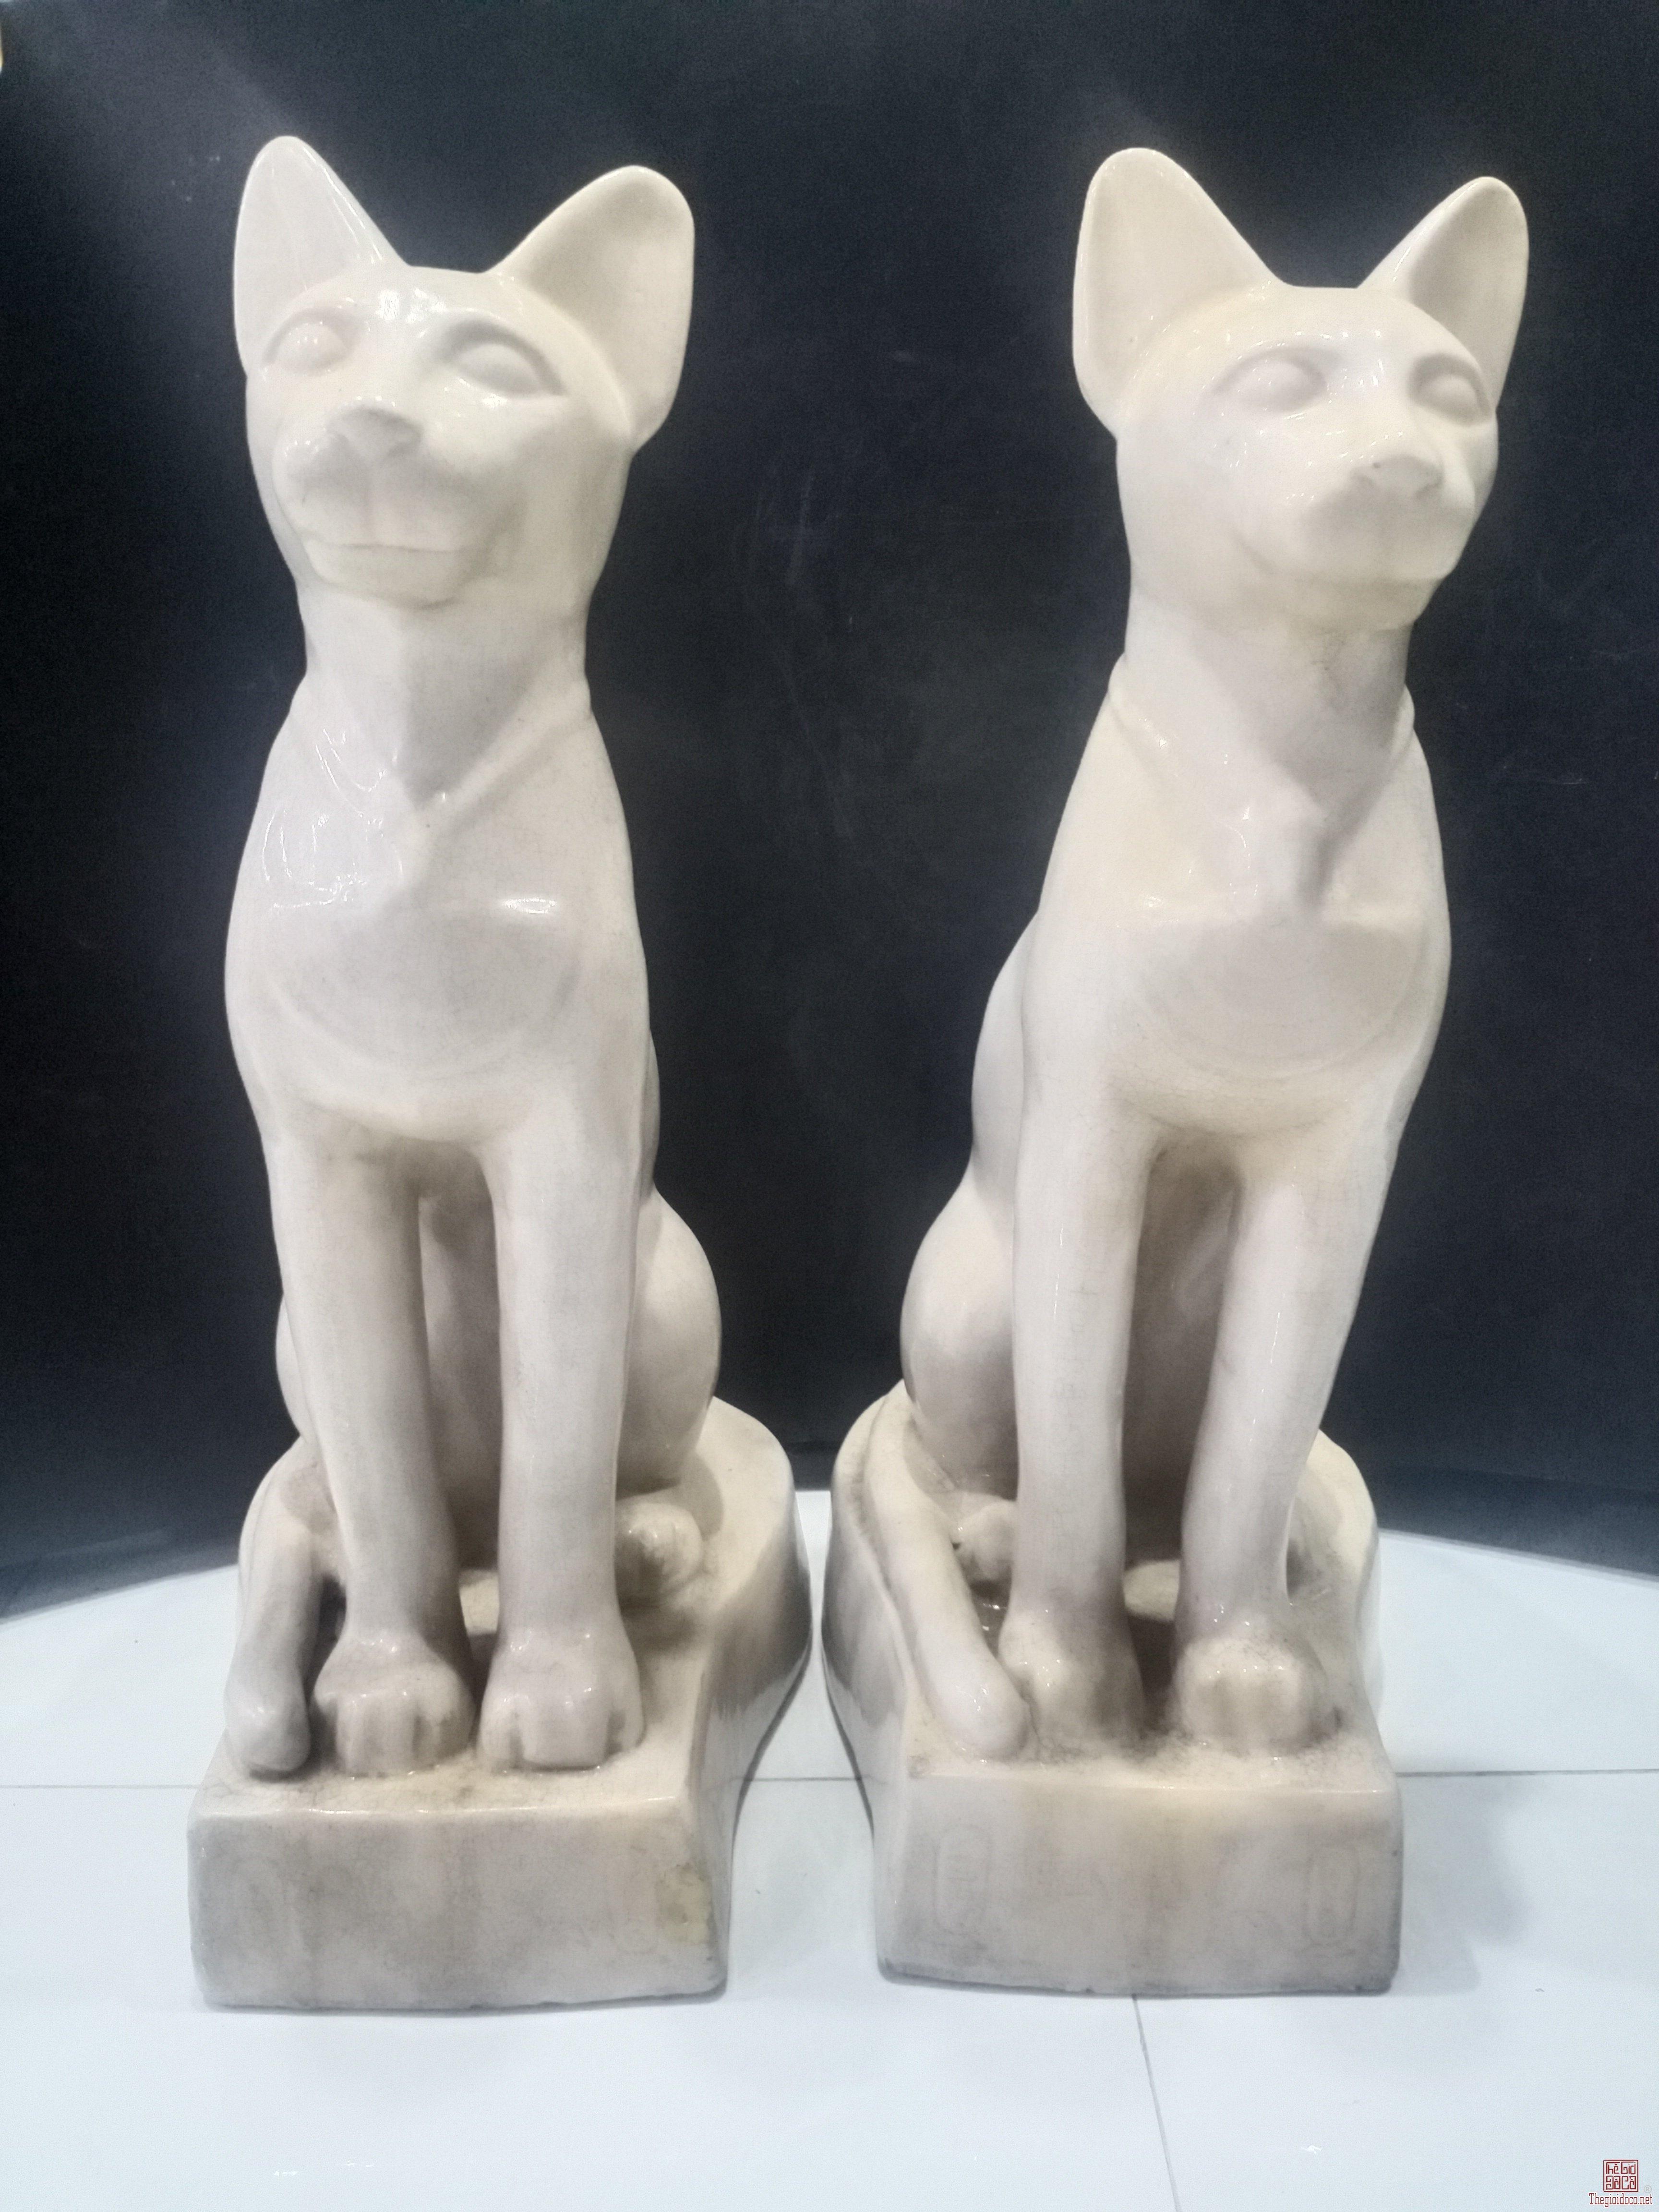 Linh miêu bạch định gốm Biên Hòa xưa,hơi hướng vh Ai Cập.Cao 71 cm. Giá 5,5 triệu.